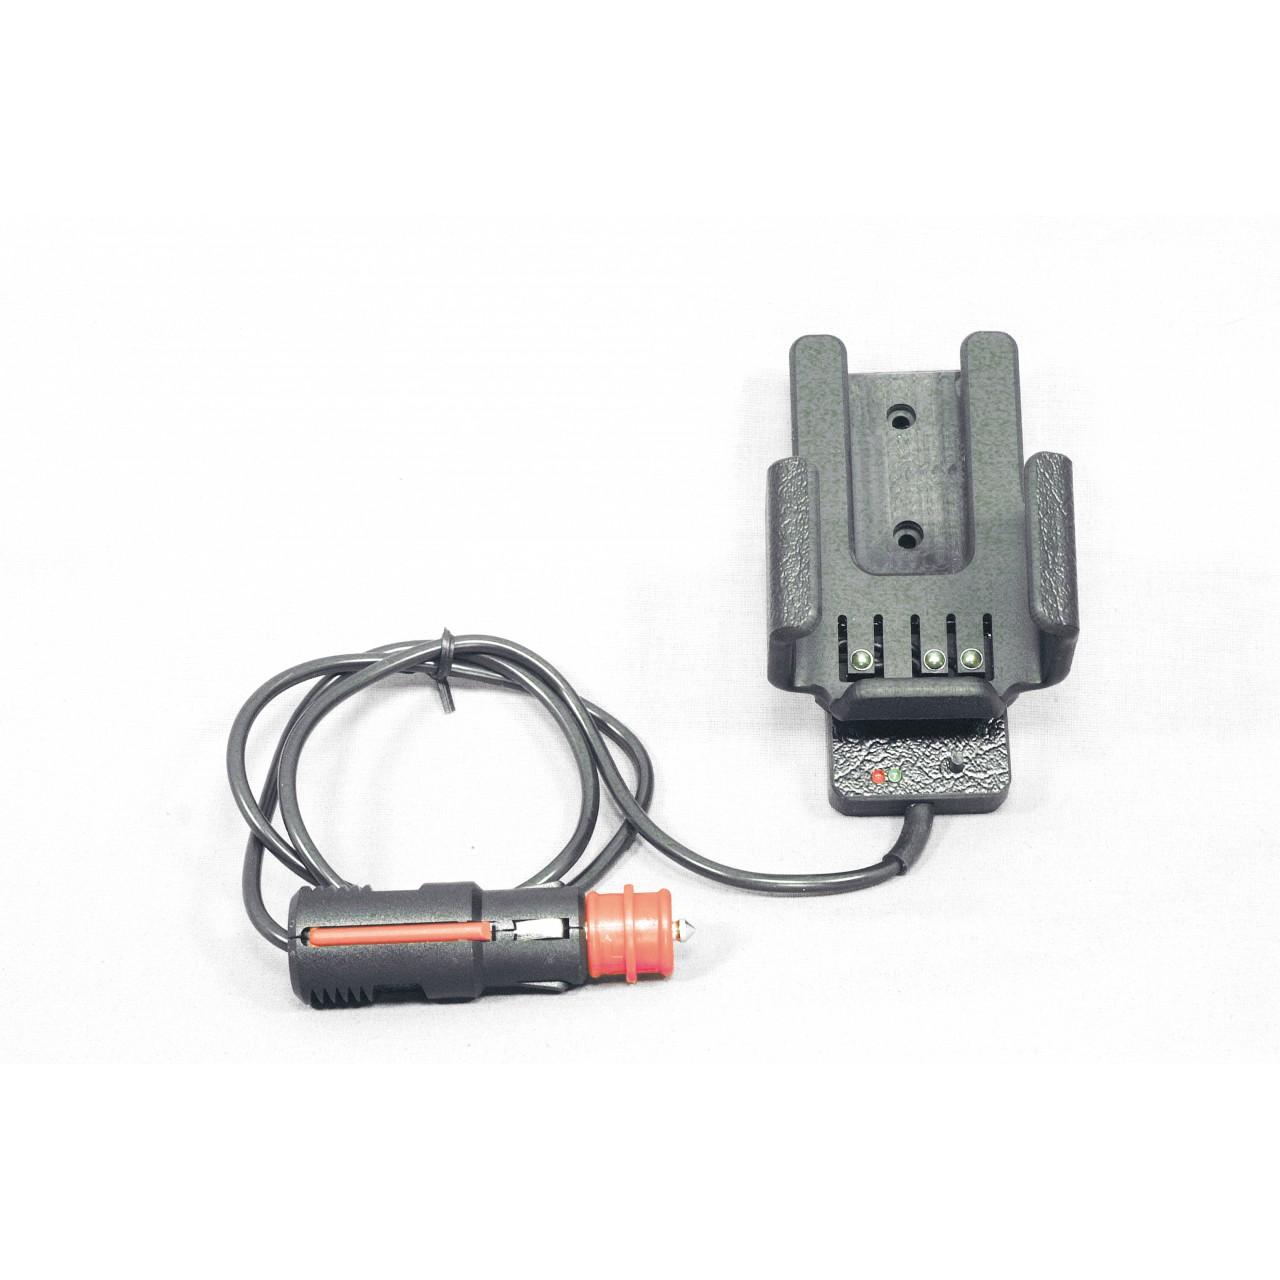 BC-SR89286 Chargeurs et alimentations - ICOM